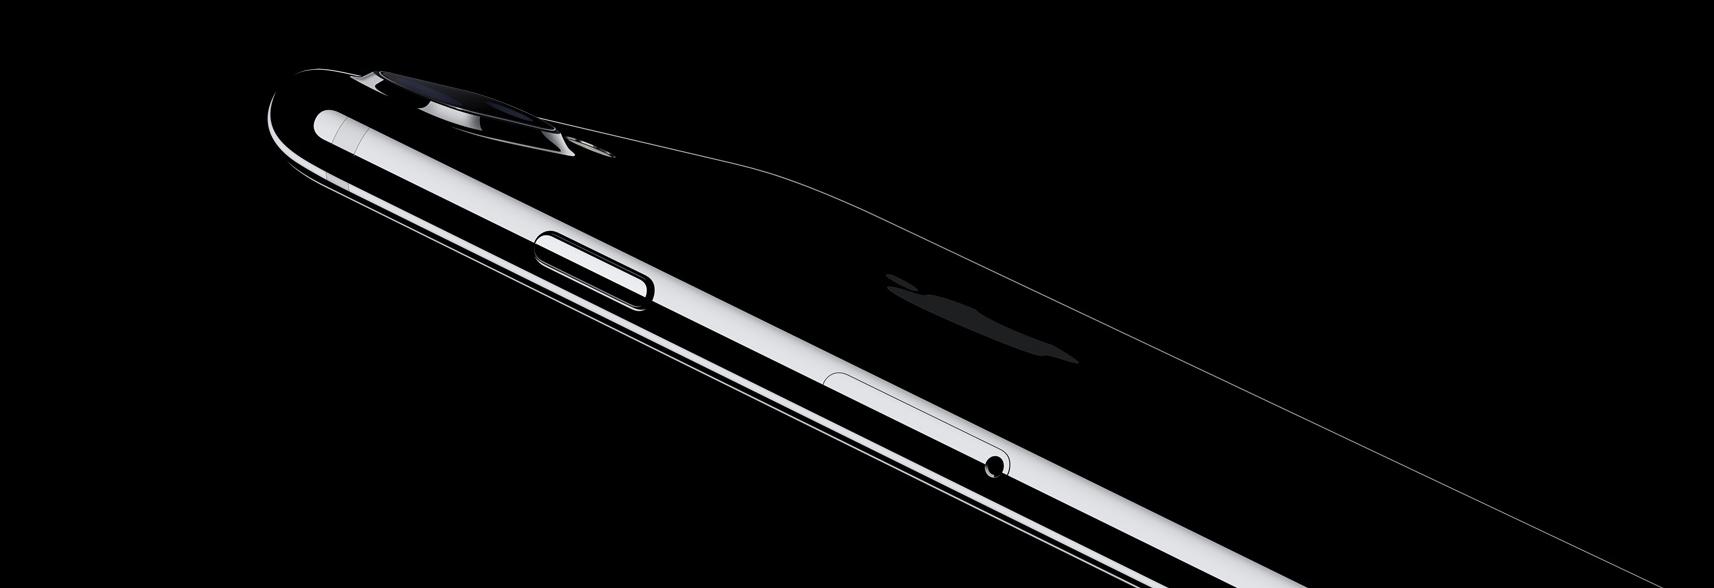 Polskie ceny nowych iPhone'ów – miało być tak samo, a jest drożej niż przed rokiem